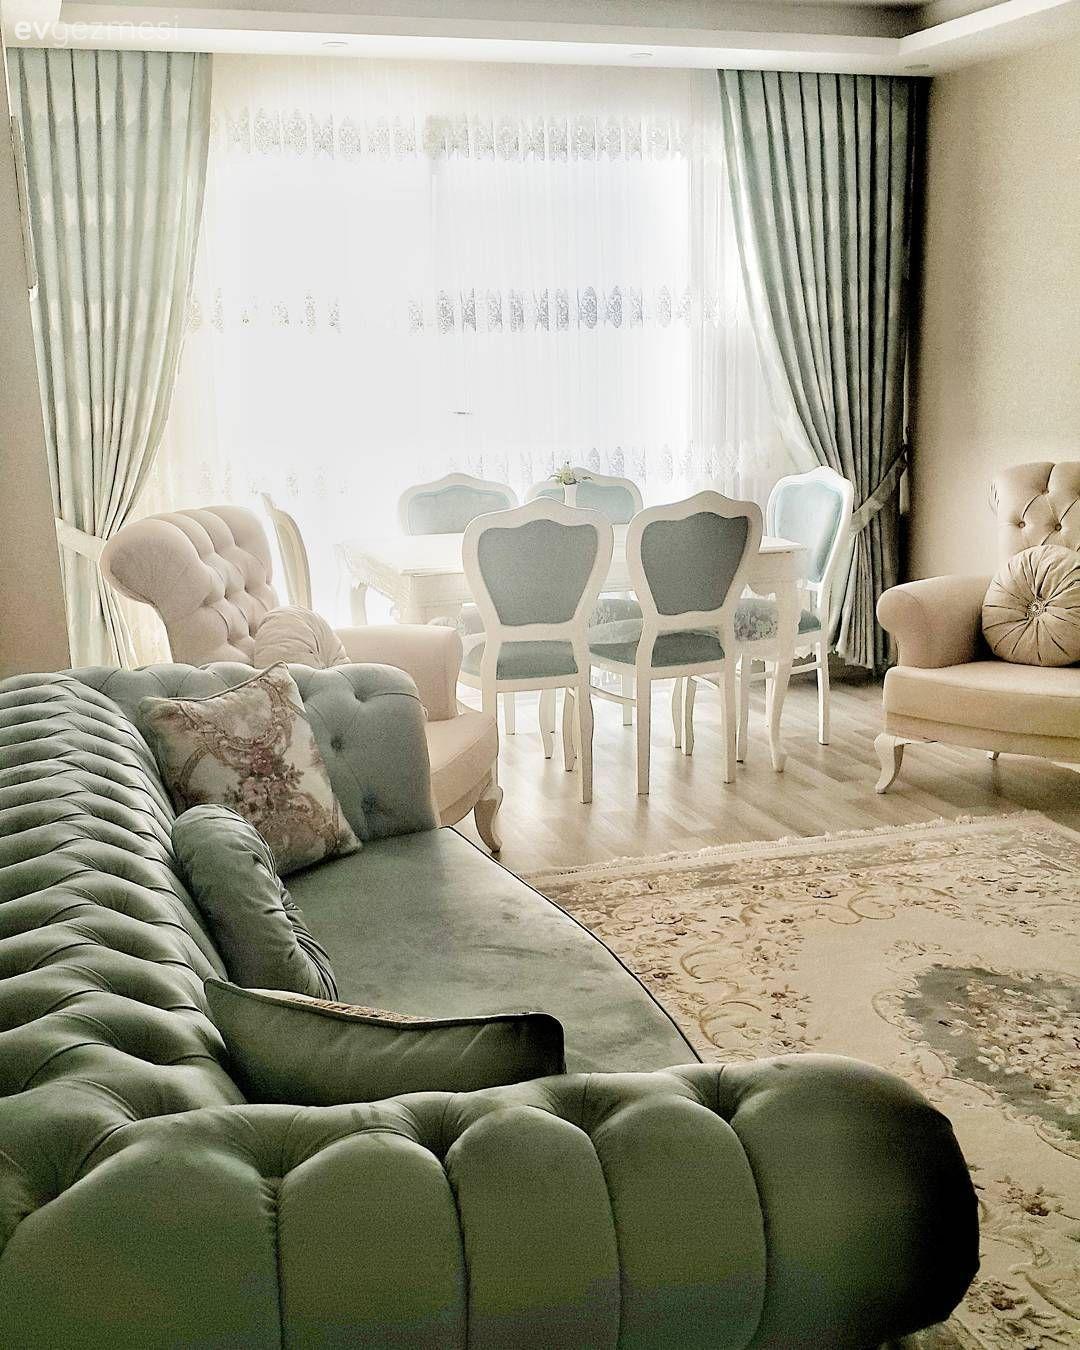 Sakin Ve Huzurlu Bir Dekor Derya Hanimin Evi Ev Gezmesi Oturma Odasi Takimlari Oturma Odasi Fikirleri Oturma Odasi Tasarimlari